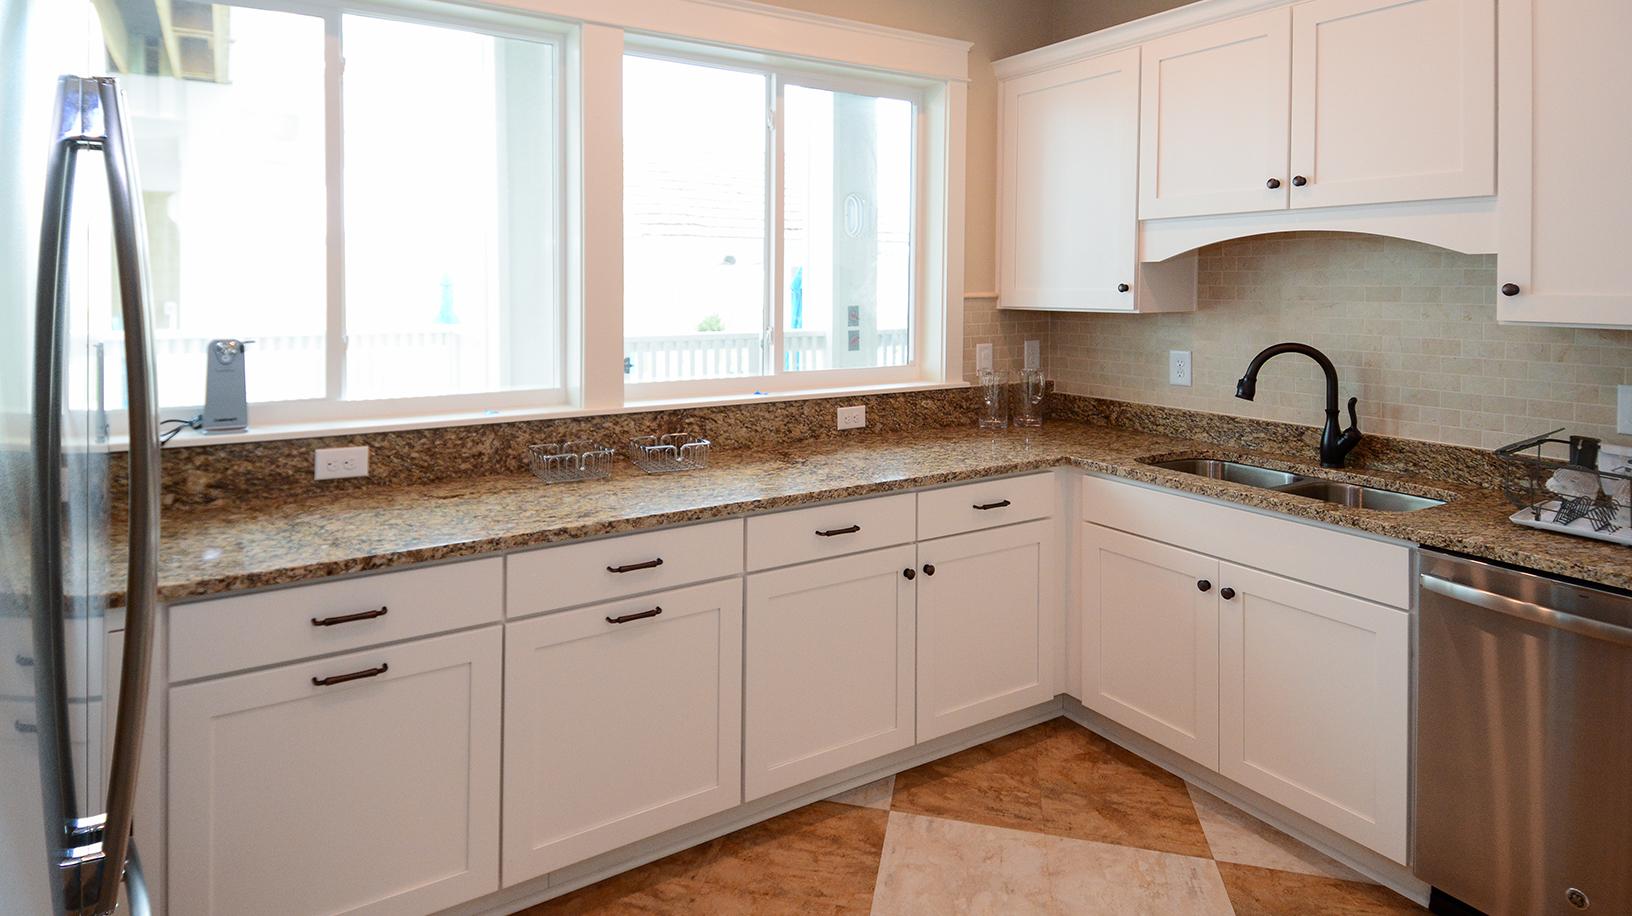 KD1111-kitchenette.jpg